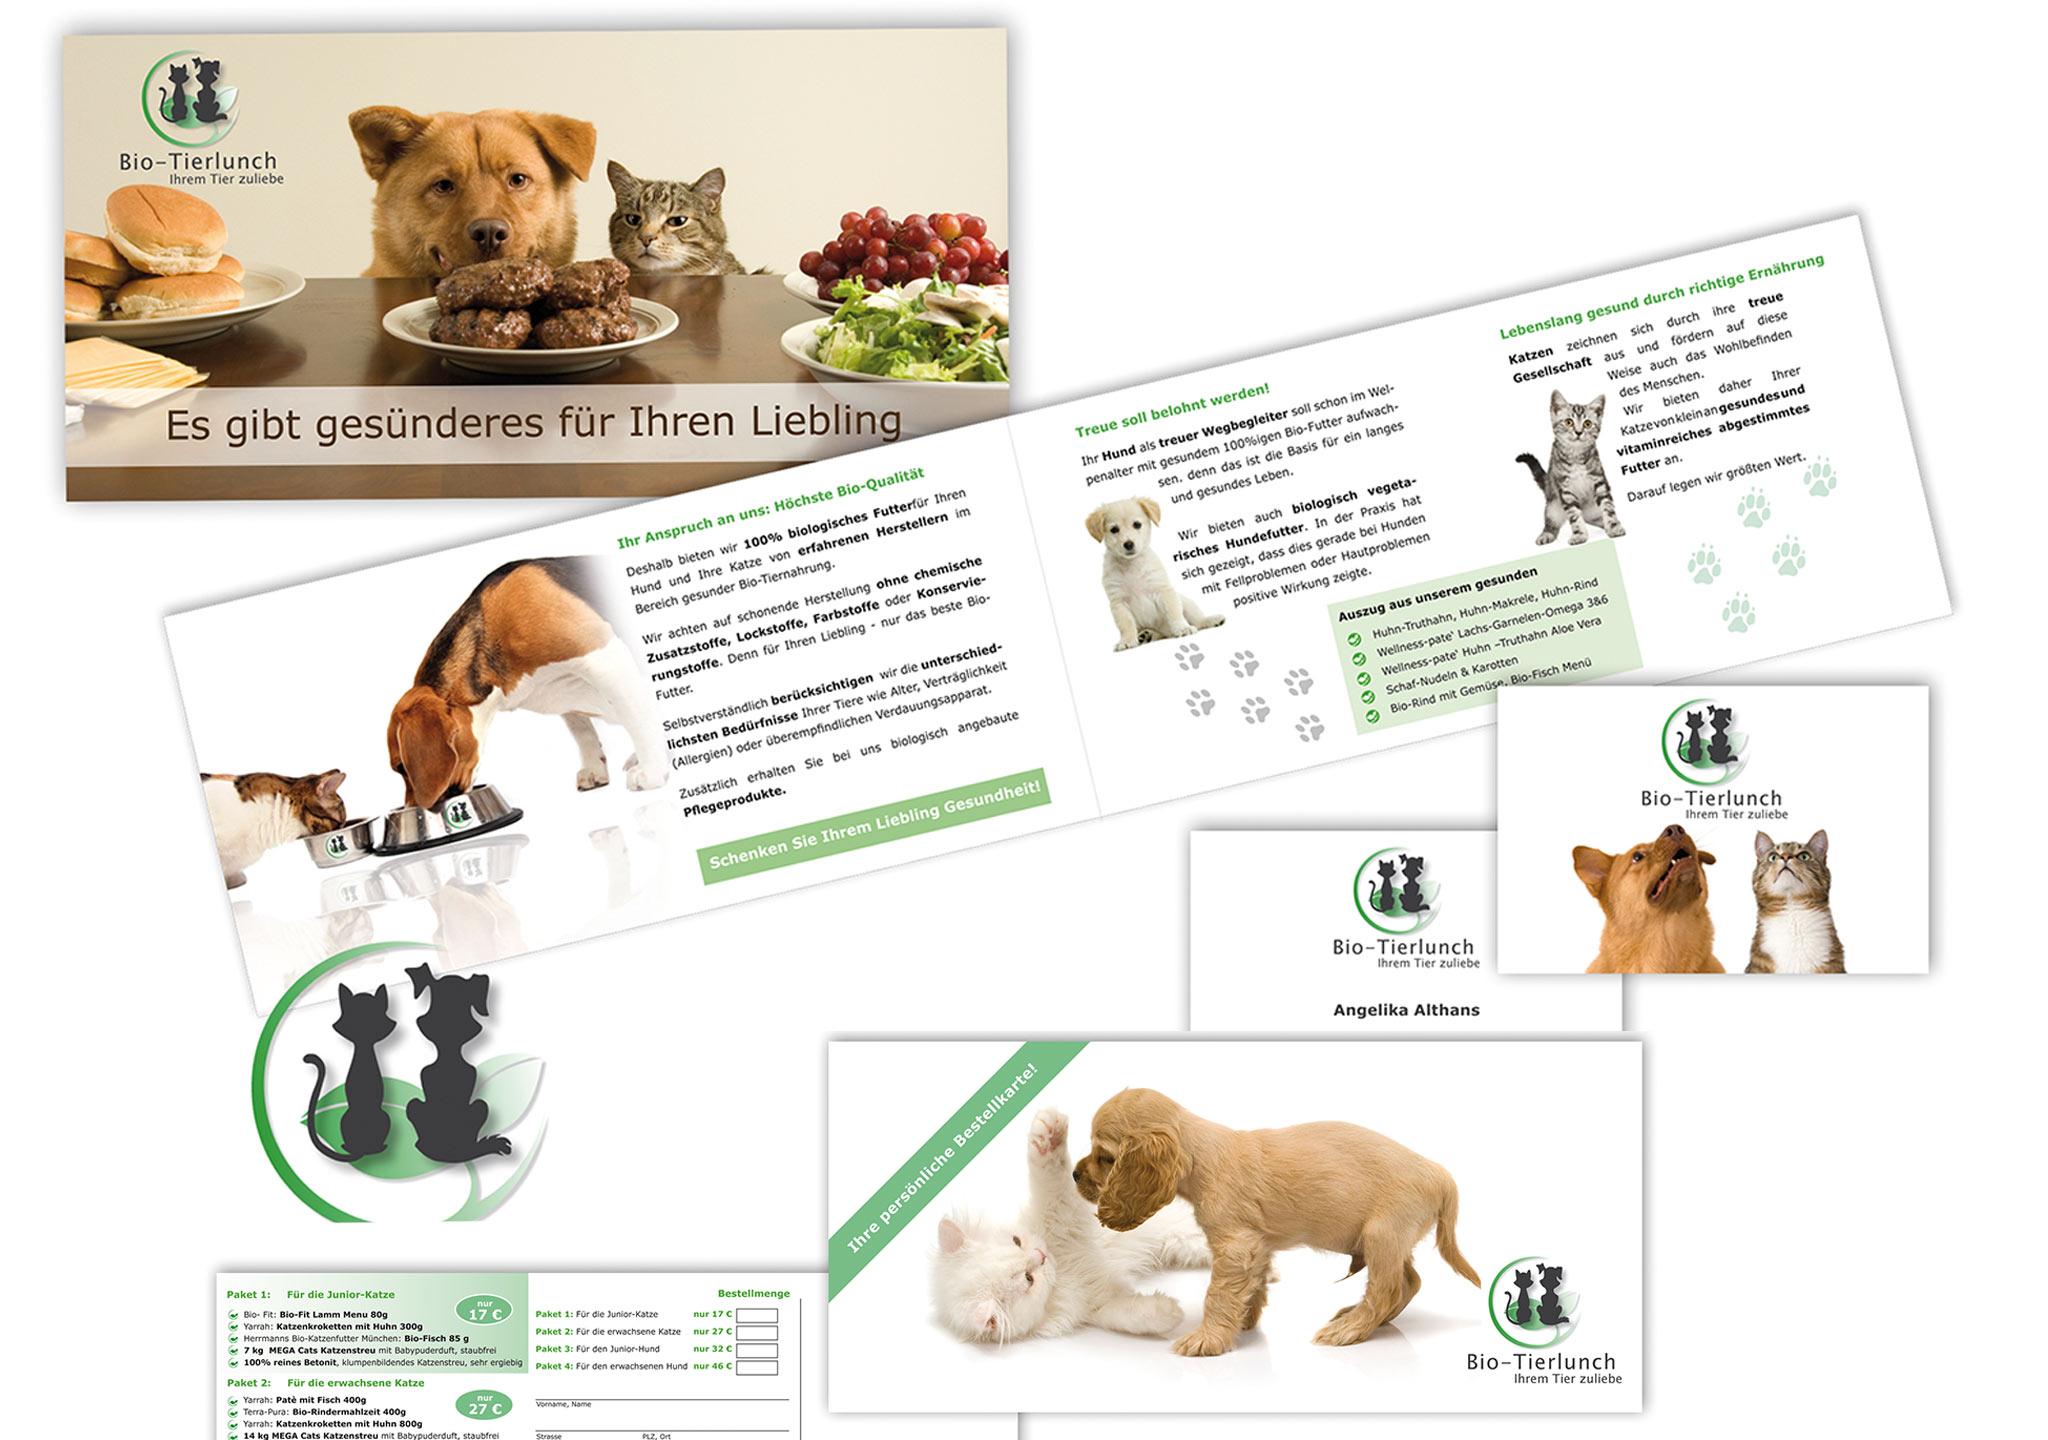 Existenzgründung für Bio-Tiernahrung - perfekte Unterstützung